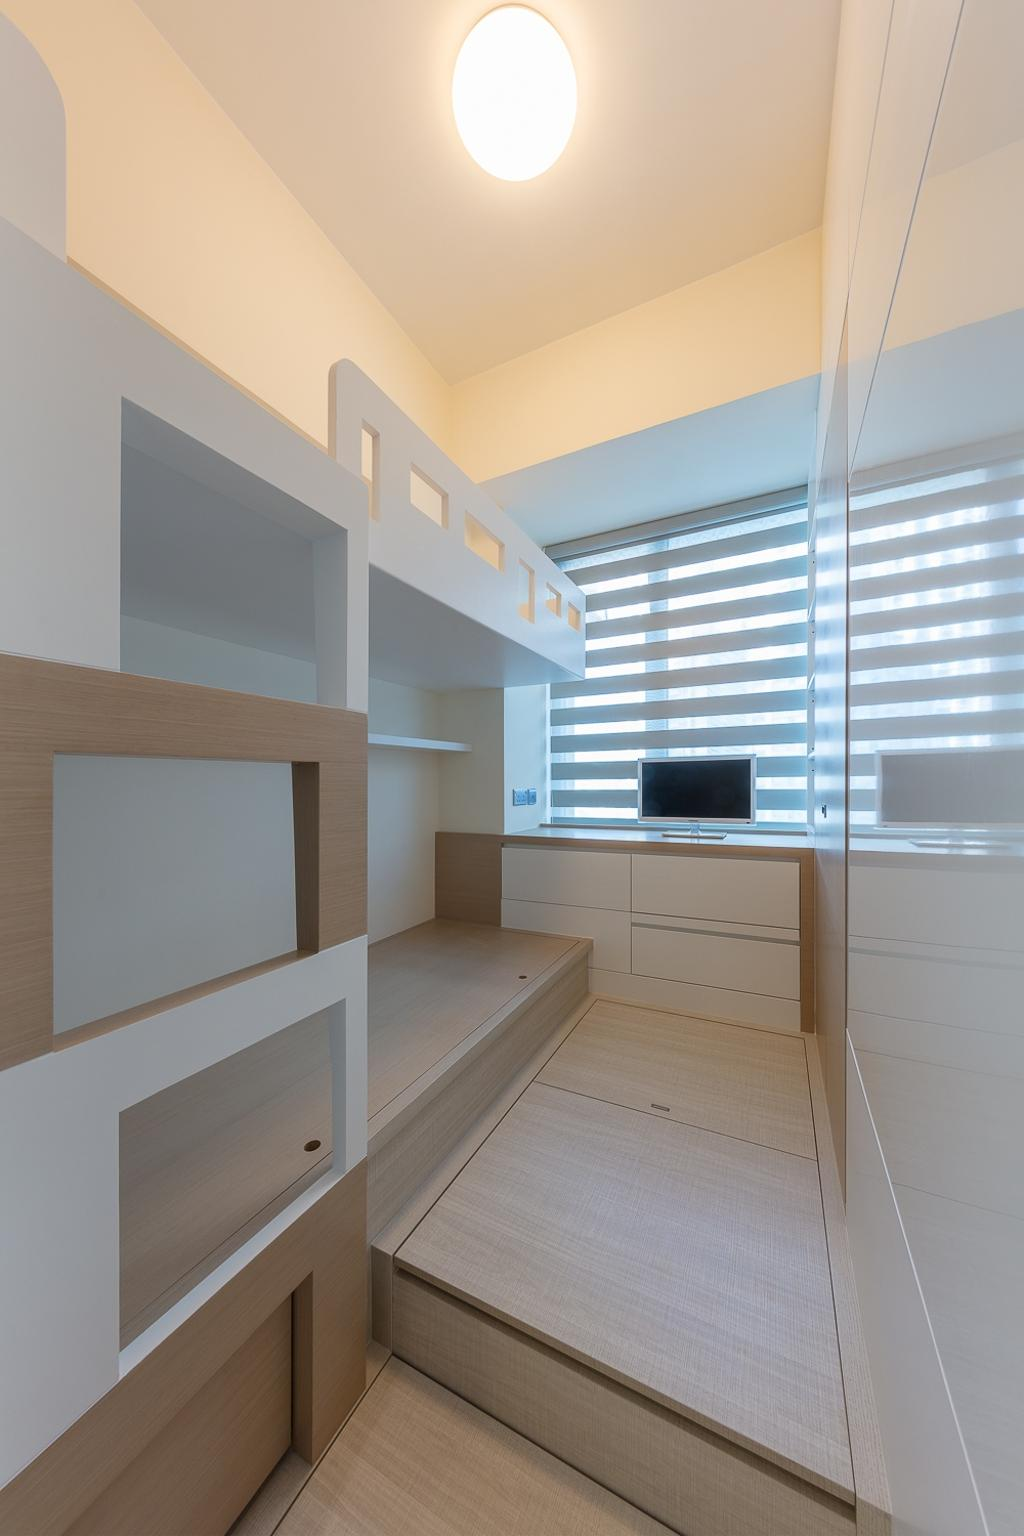 摩登, 私家樓, 睡房, 一號銀海, 室內設計師, 和生設計, Shelf, Indoors, Interior Design